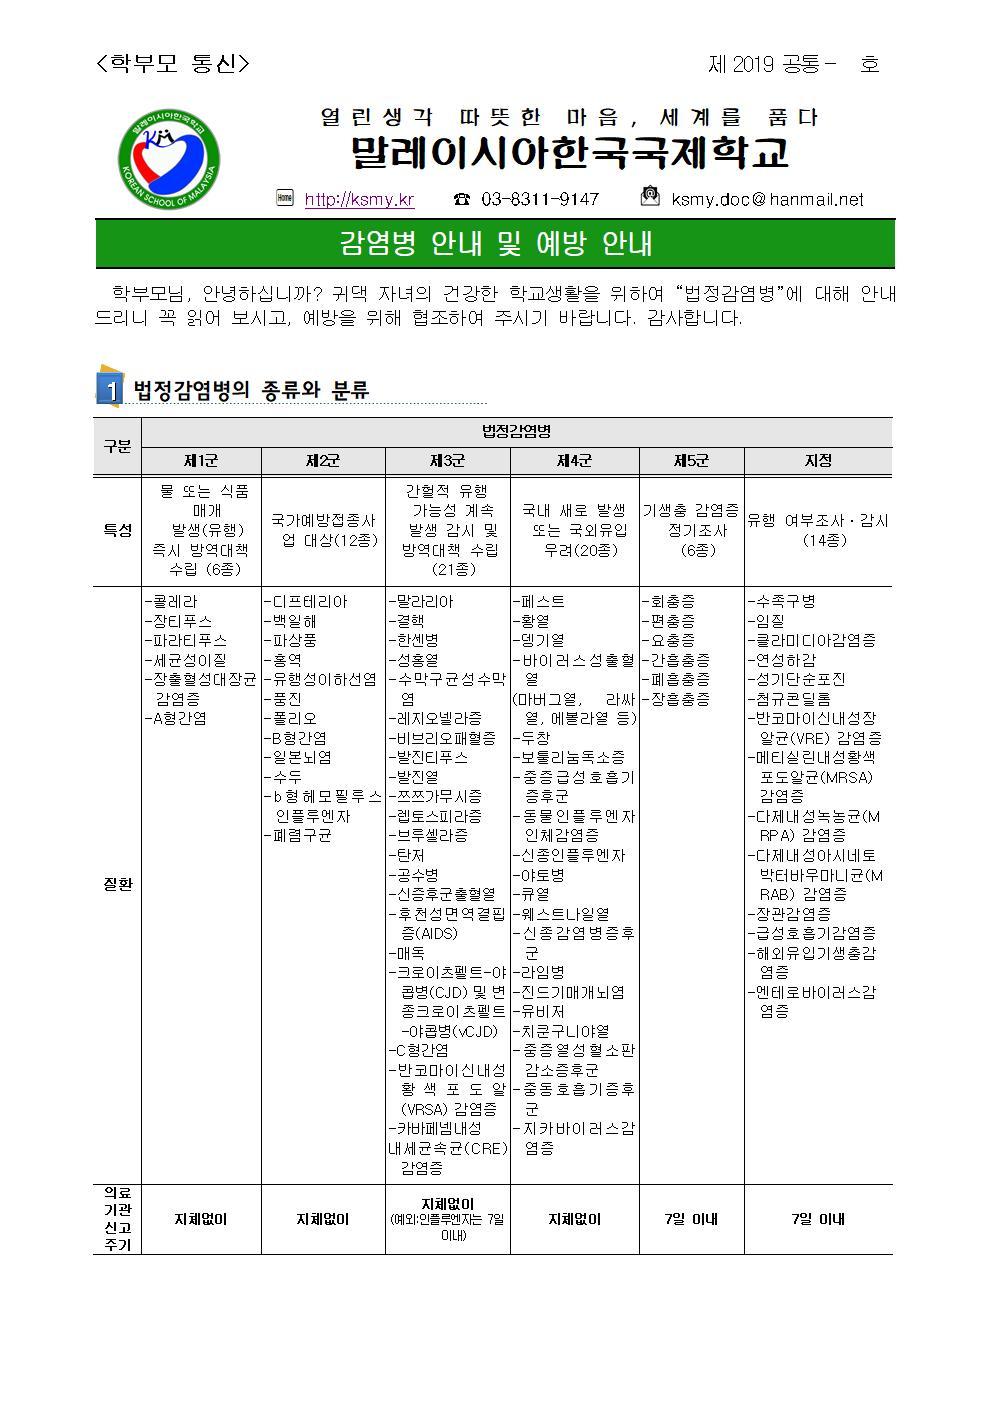 [가통03.05]법정감염병의 종류와 분류001.jpg